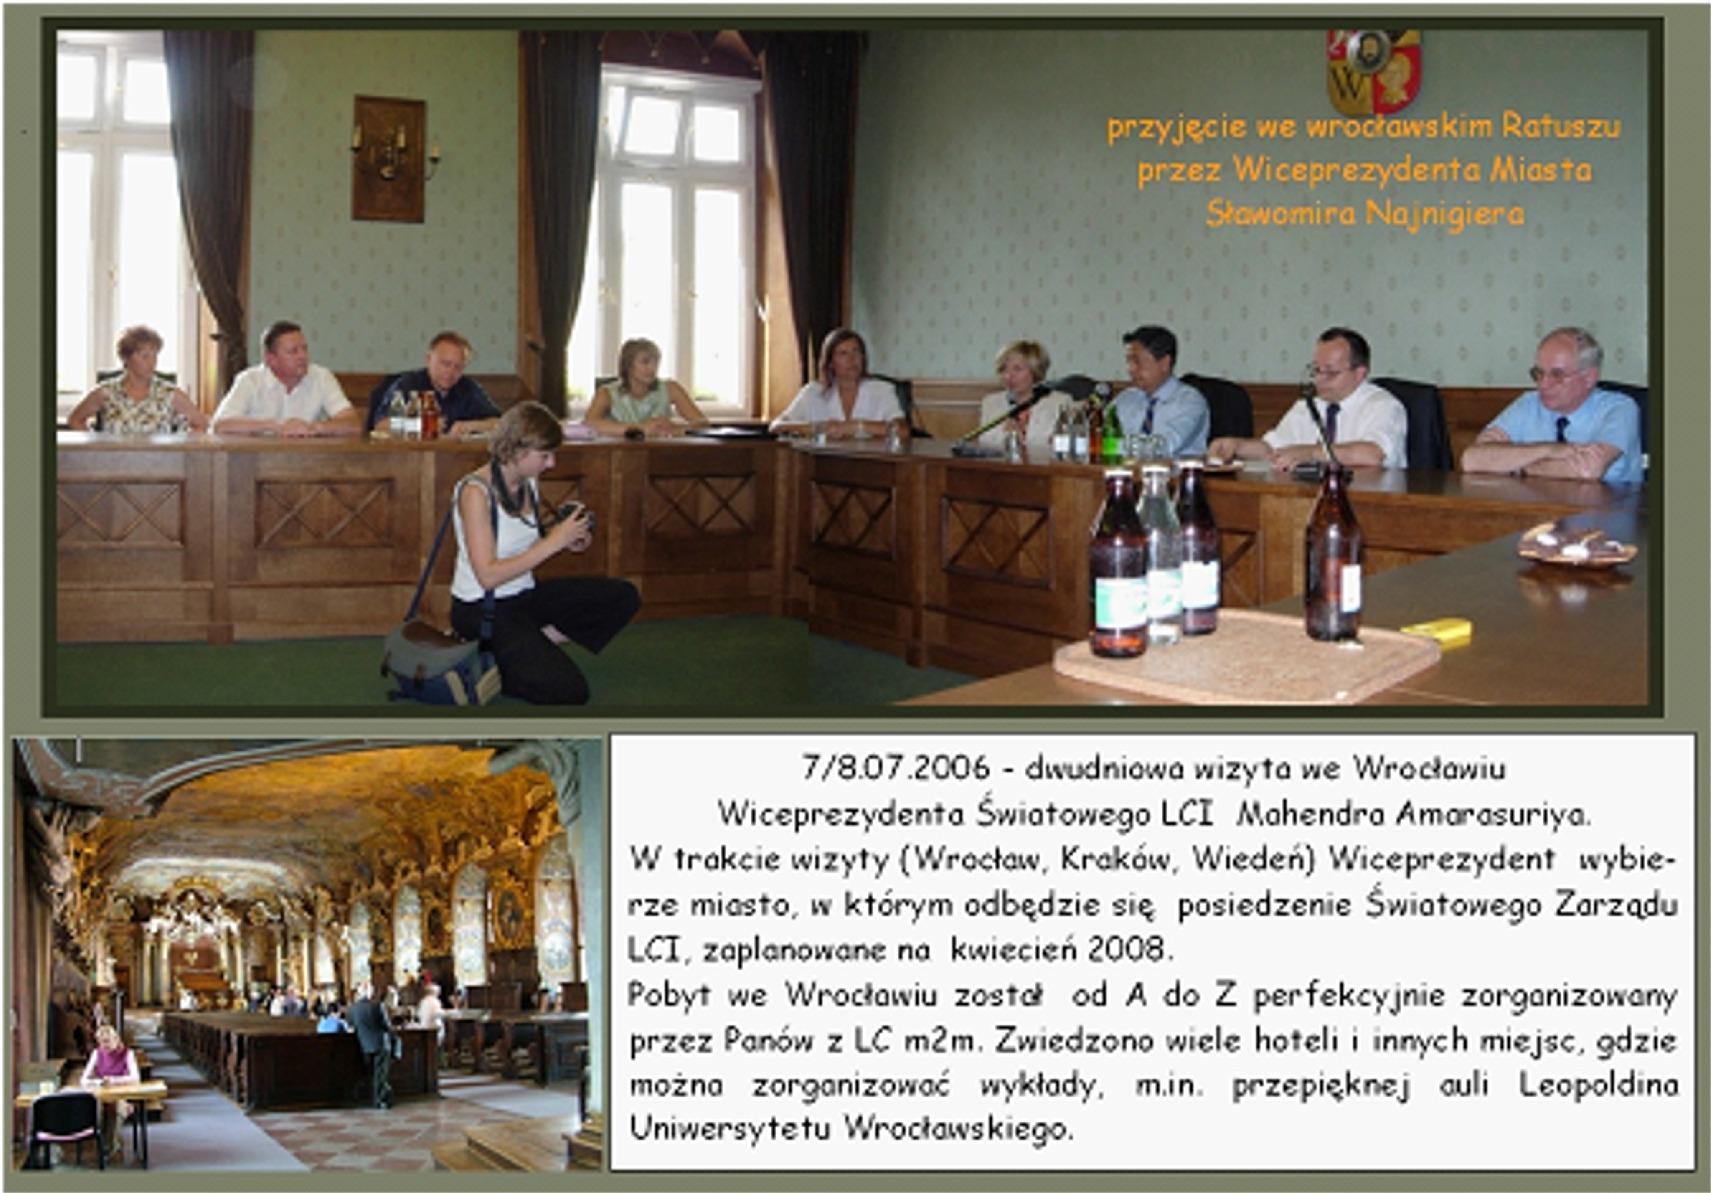 wizyta-mahendry-amarasuriya-we-wroclawiu-07-08-07-2006-r